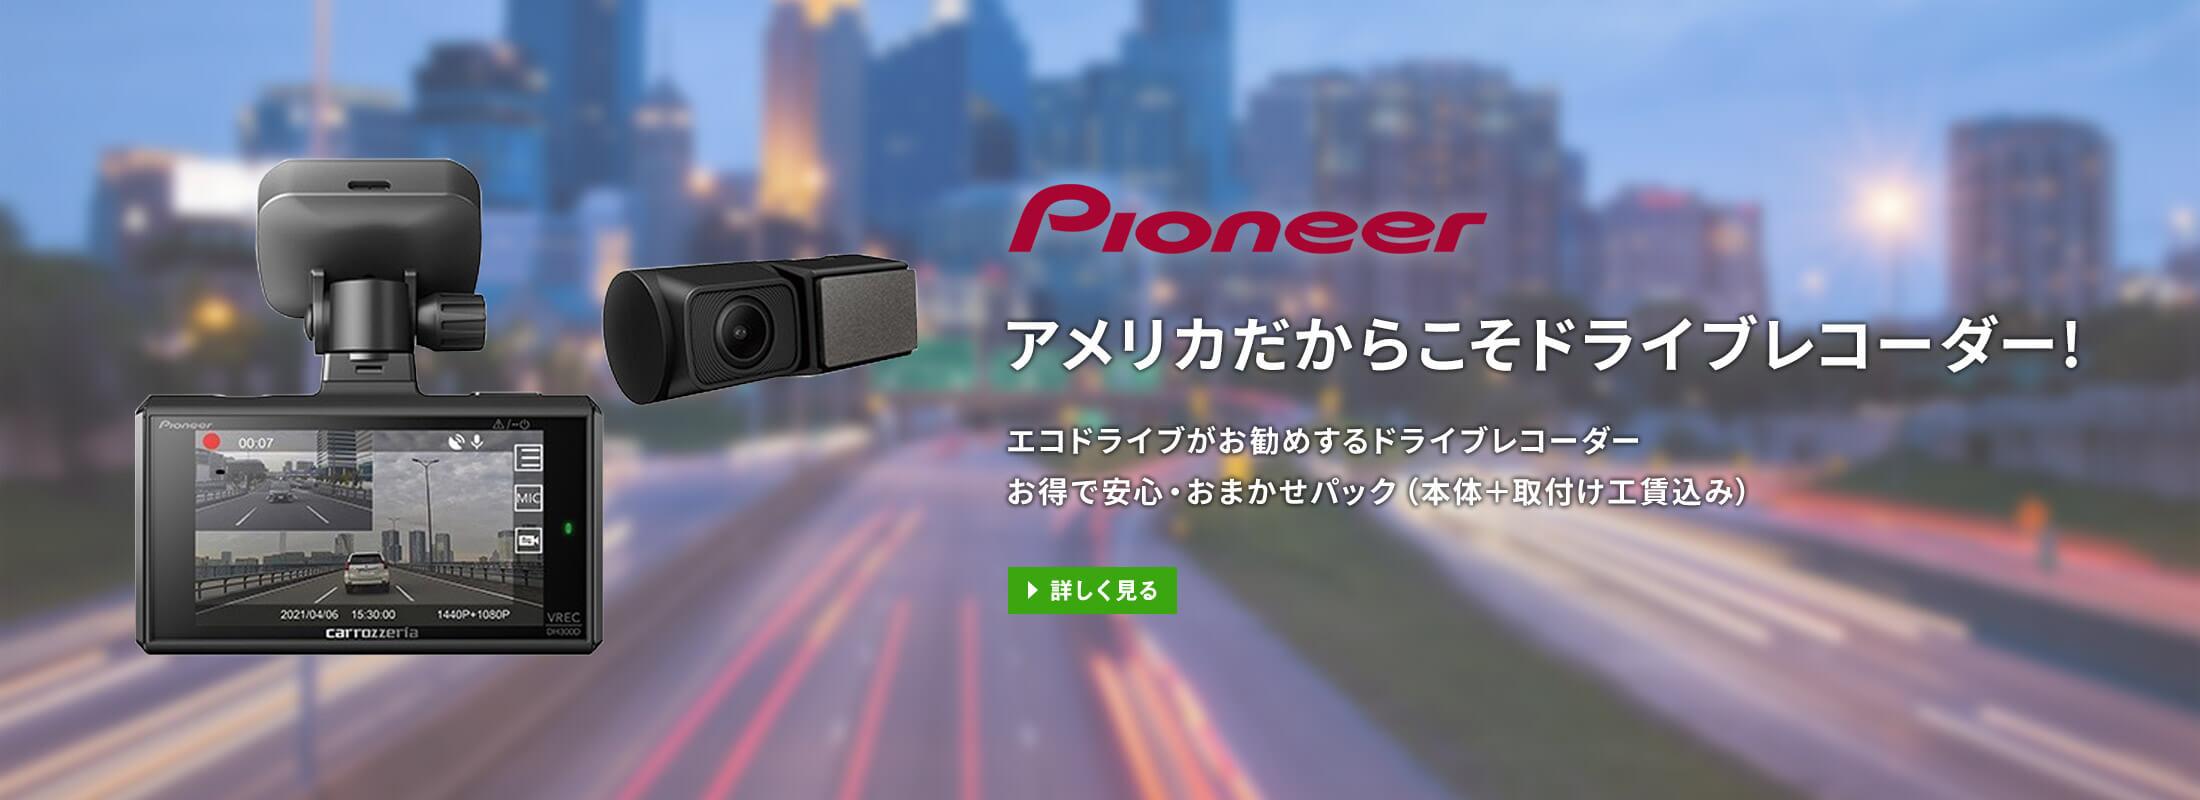 アメリカだからこそドライブレコーダー! エコドライブがお勧めするドライブレコーダー、お得で安心・おまかせパック (本体+取り付け工賃込み)